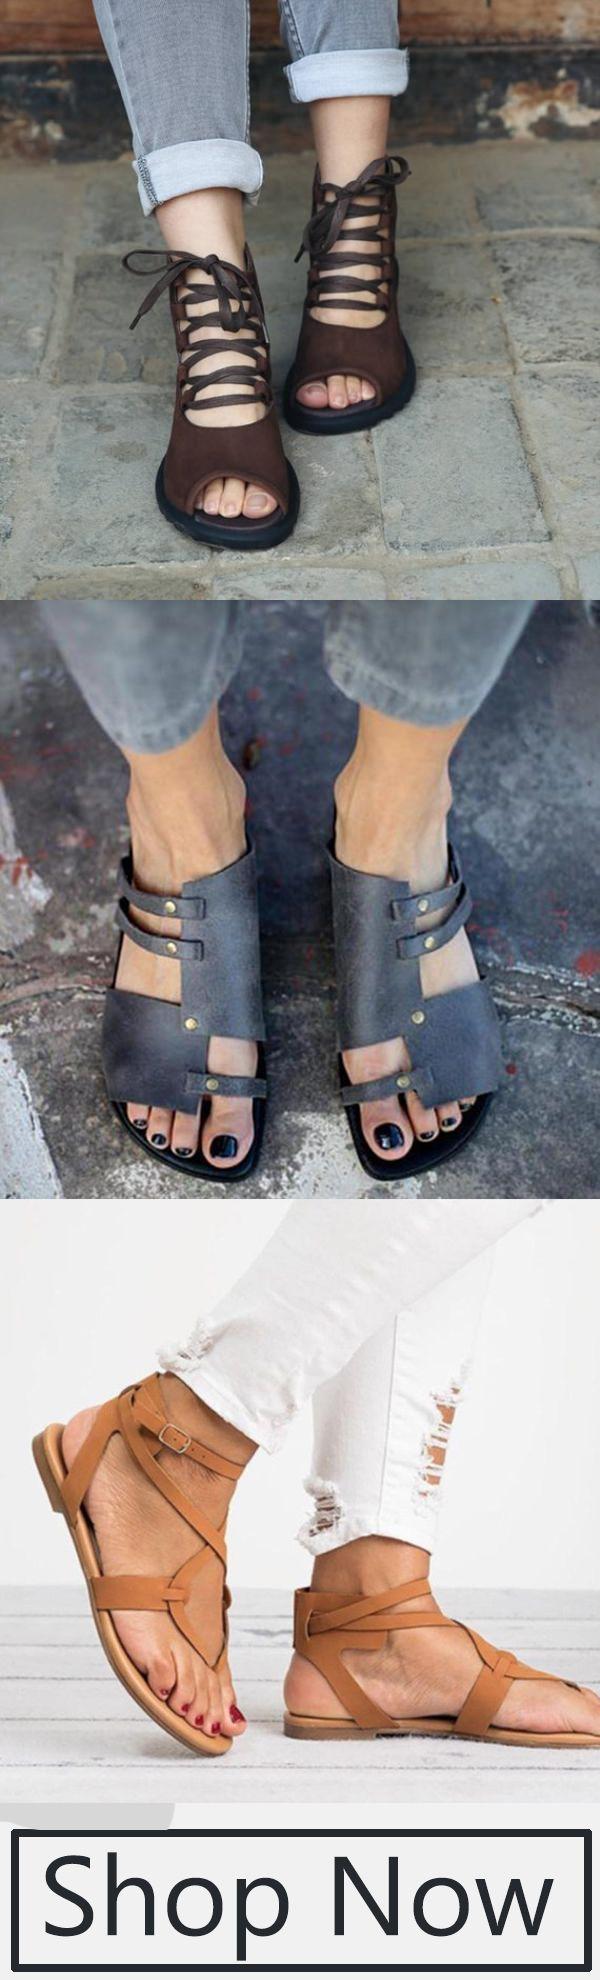 Sandals !2019 Trendy Shoes